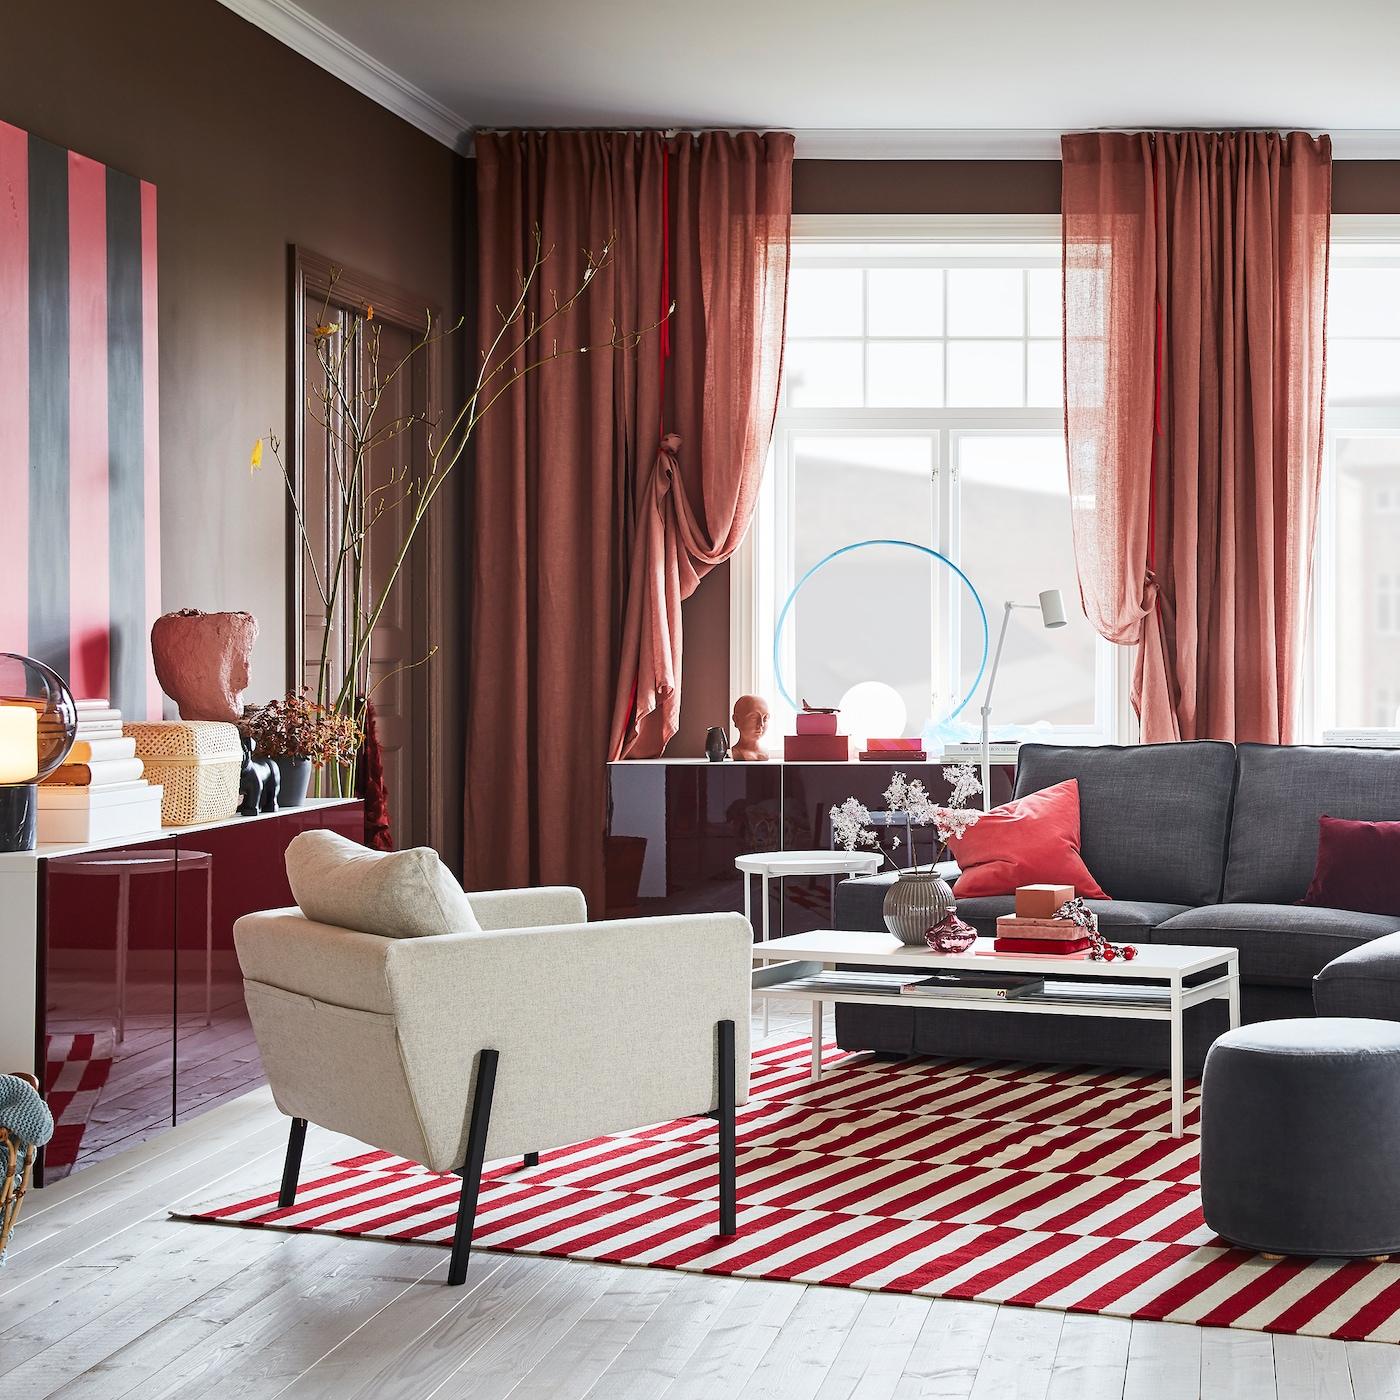 客厅里挂着棕粉色窗帘,摆放着红色/白色地毯、灰色沙发和红色高光柜门壁装储物柜。